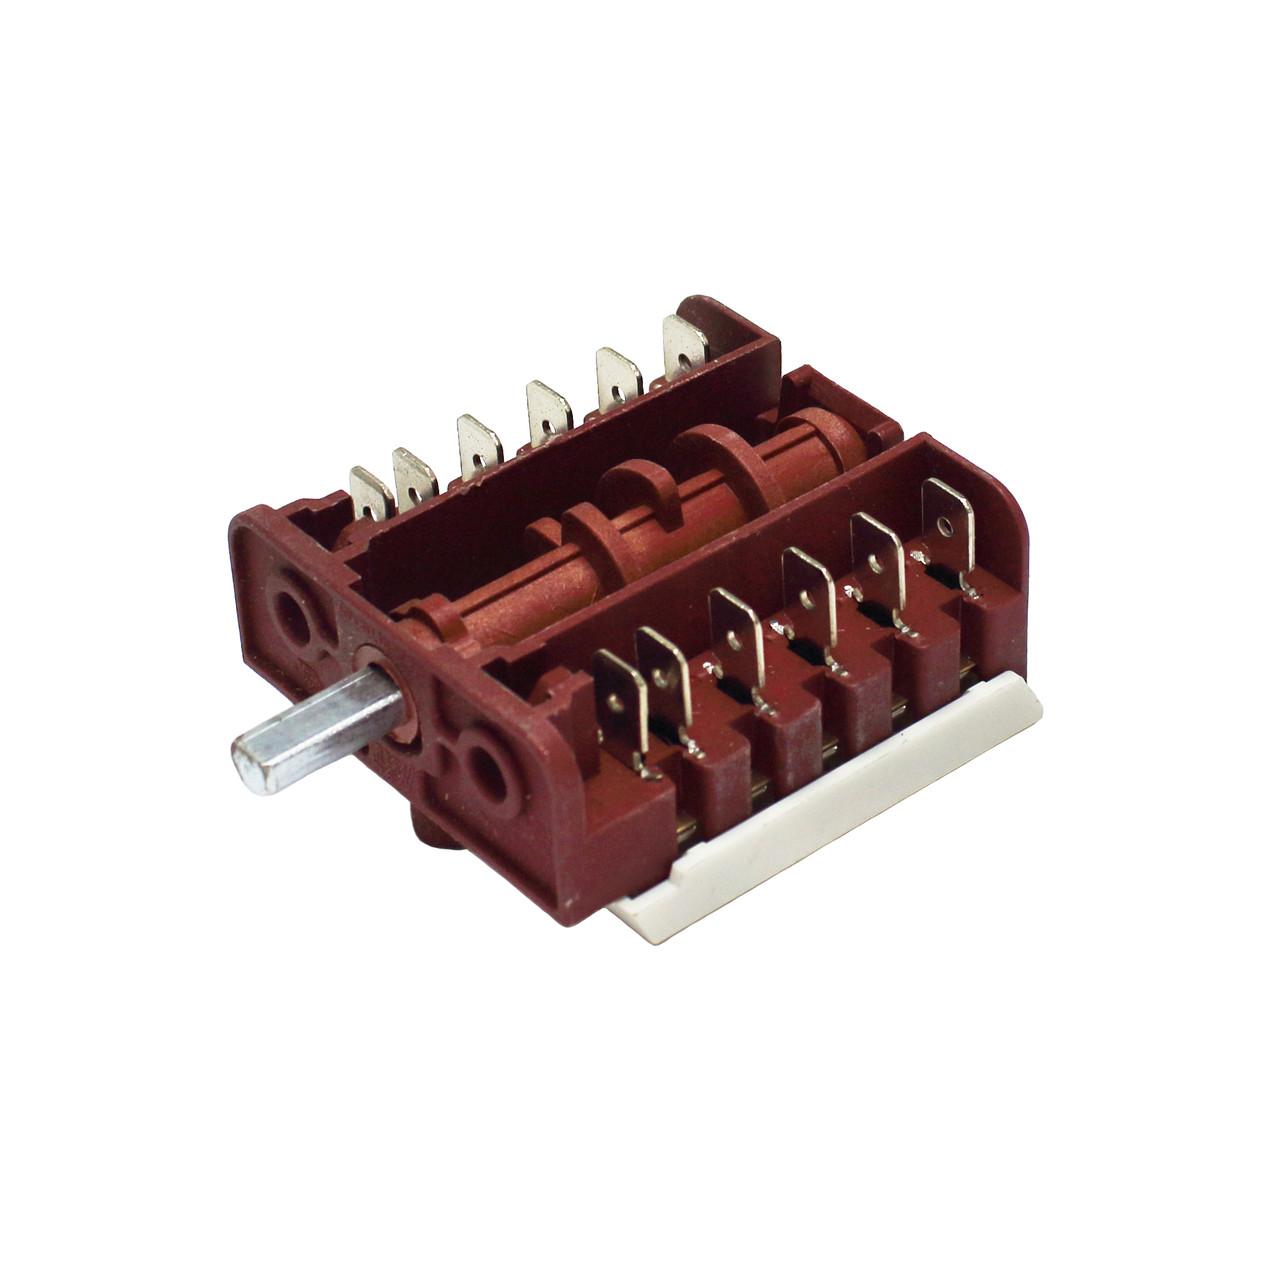 Переключатель режимов для электроплиты MXT BC5-11 (5 позиций, вал 15 мм)